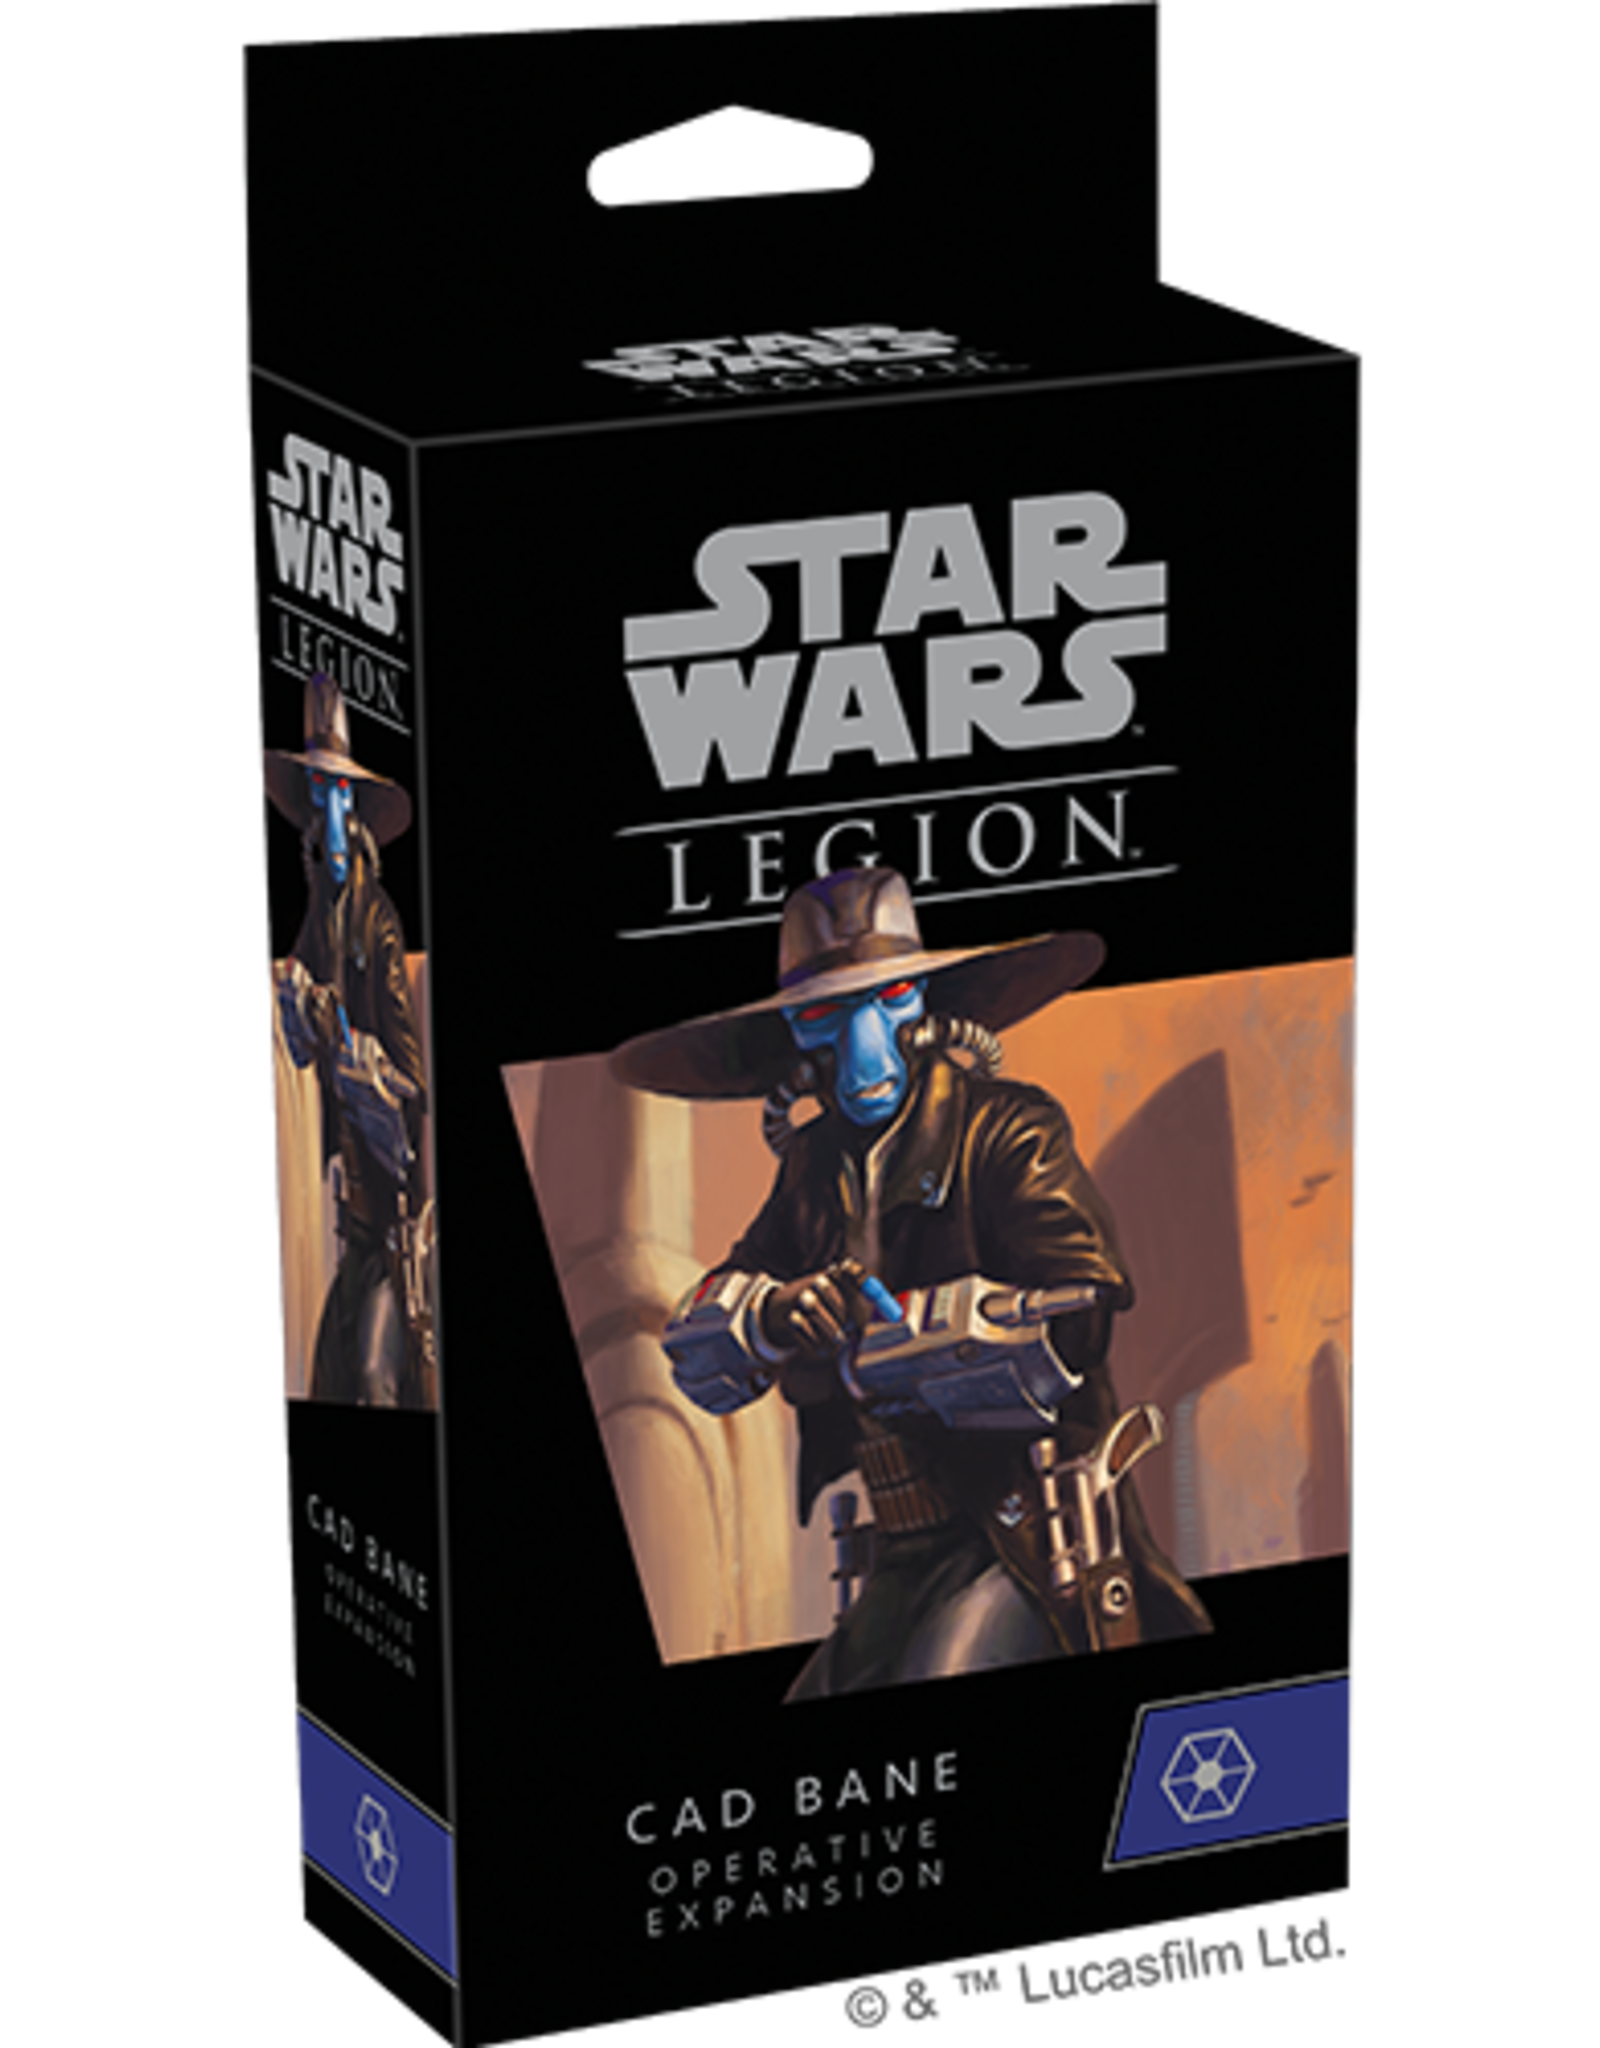 Star Wars Legion Legion - Cad Bane Operative